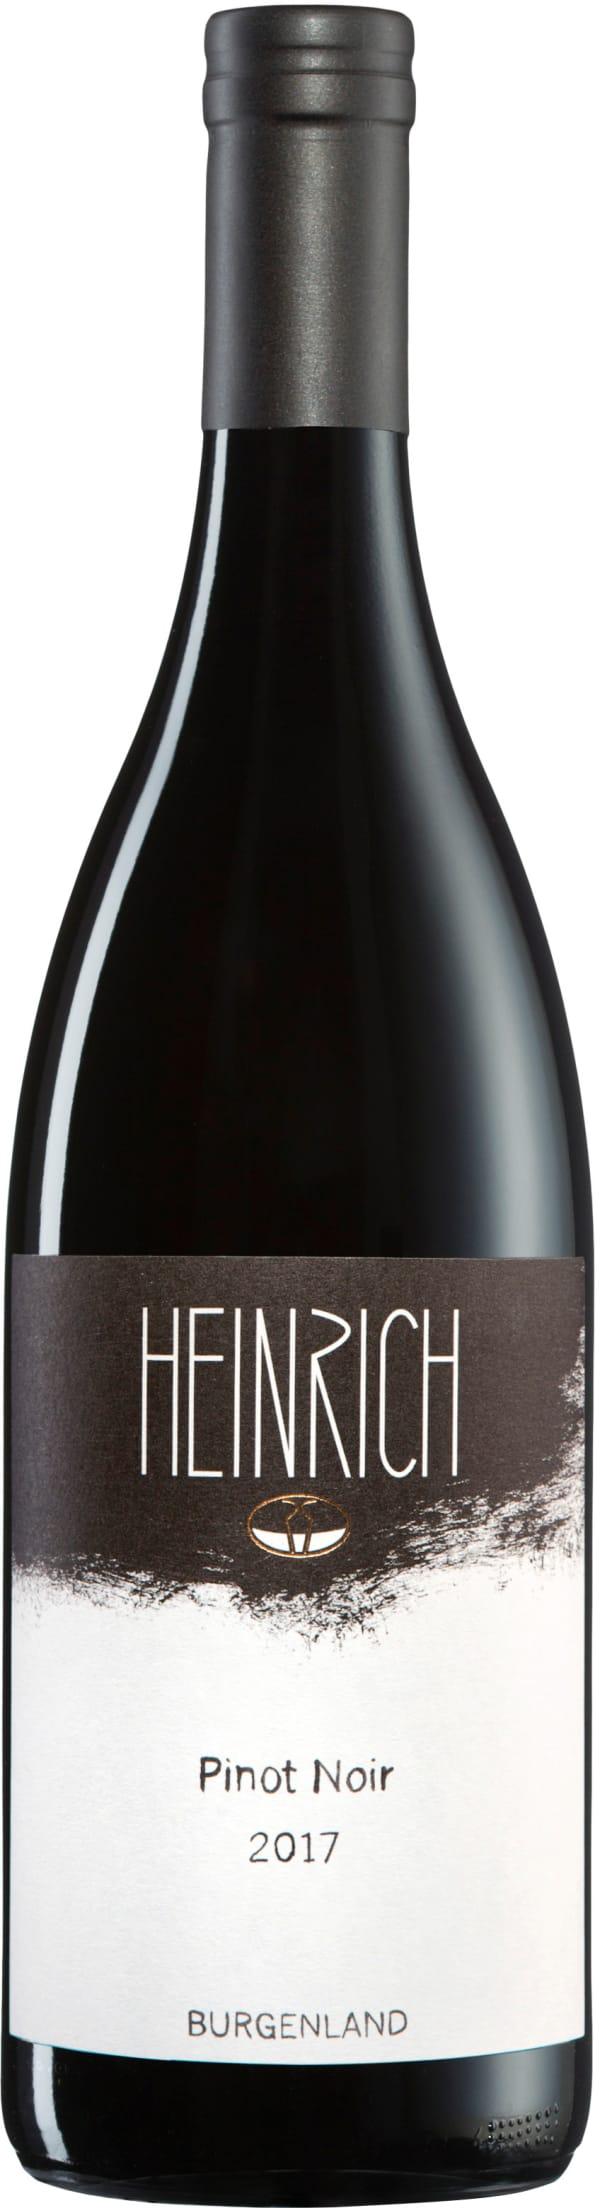 Heinrich Pinot Noir 2017